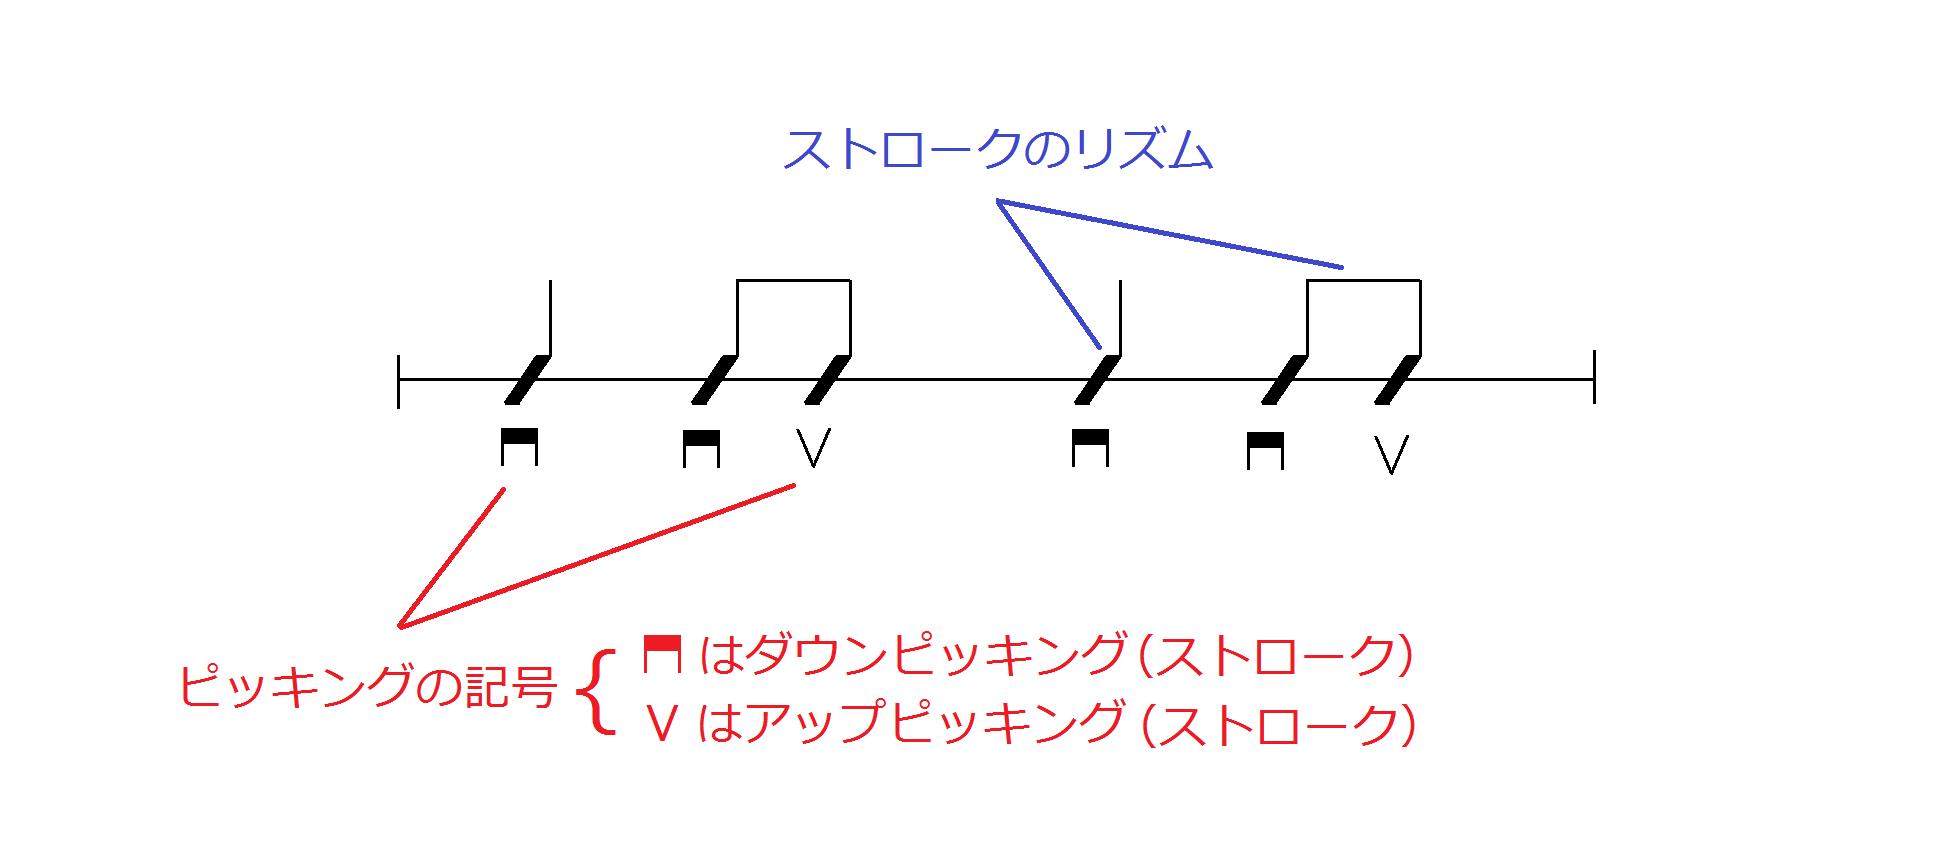 リズム譜の読み方